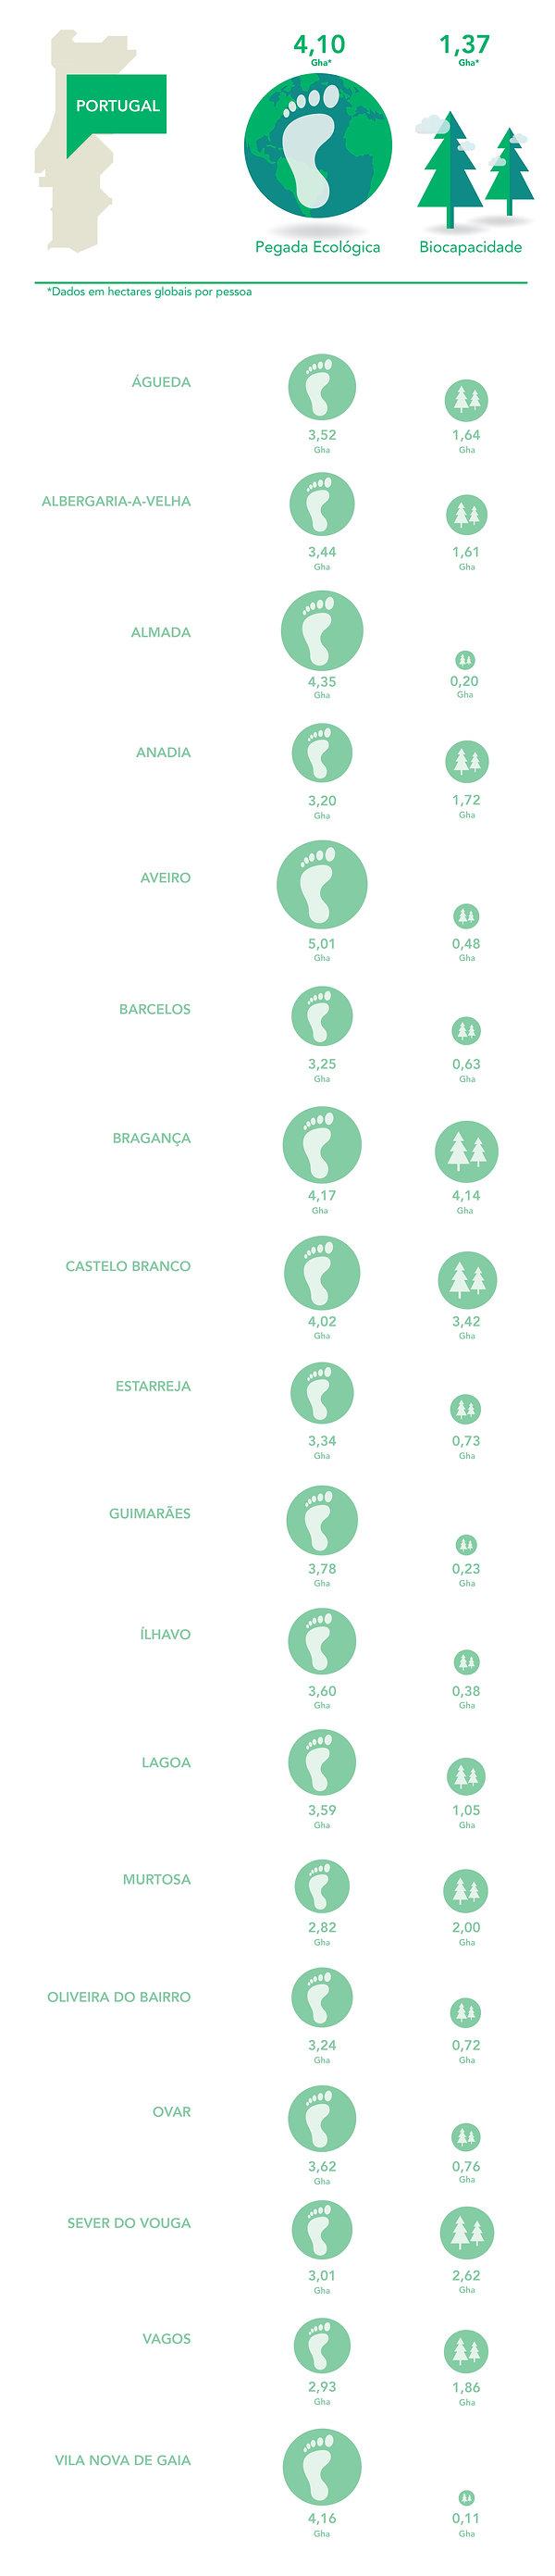 infografia_resultados_3-01.jpg